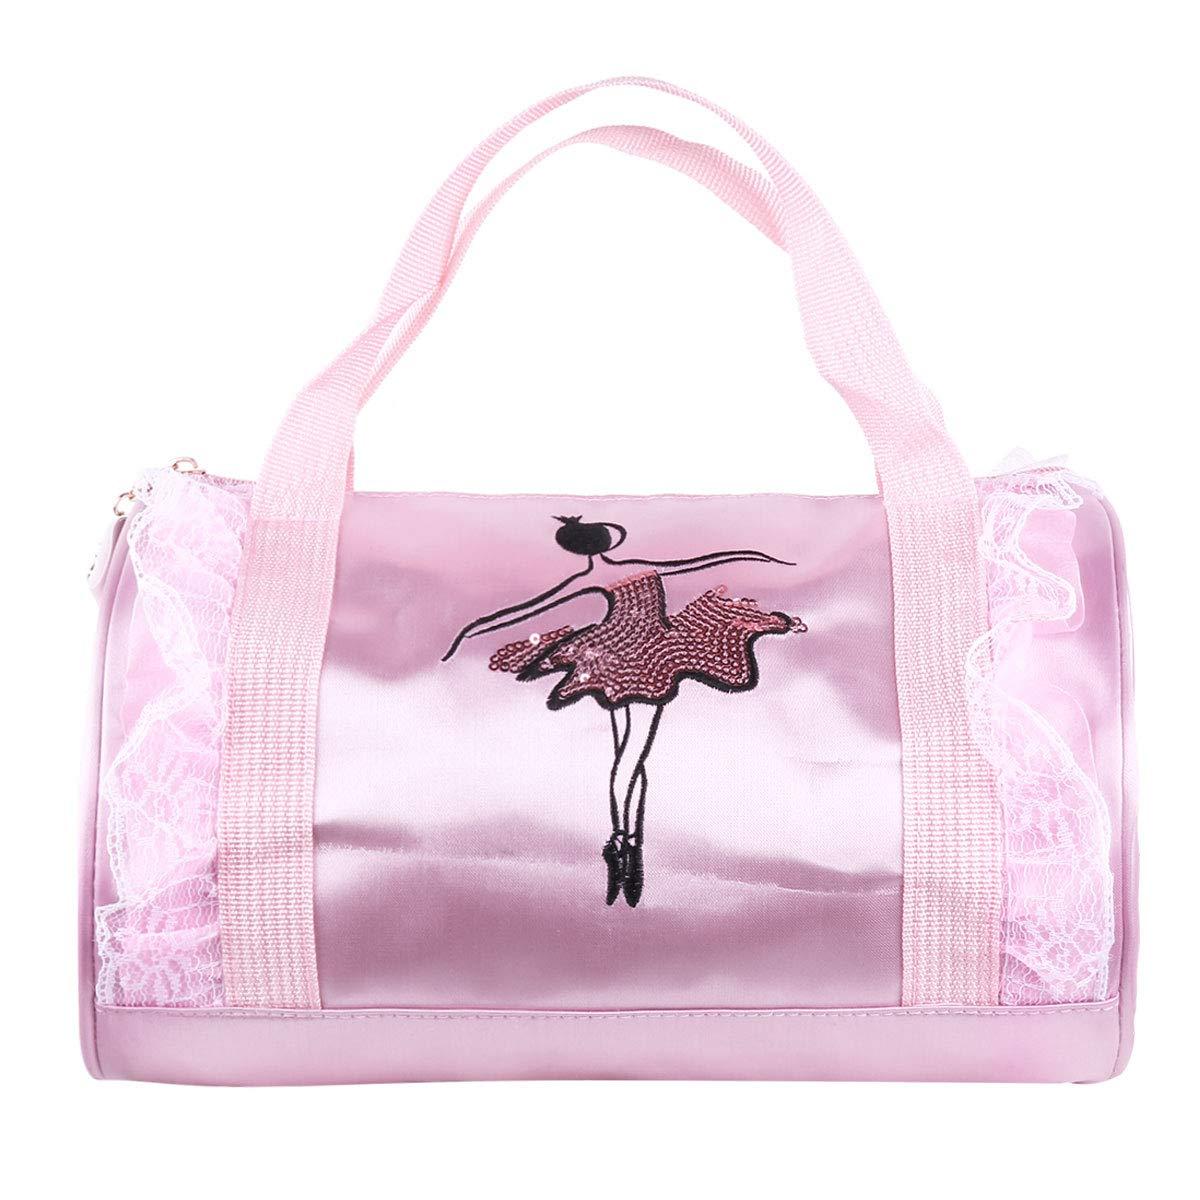 Tiaobug Ballett-Tasche für Mädchen, Sport- und Gymnastik-Tasche, rosa schwarz Tanztasche, Kindertanztasche